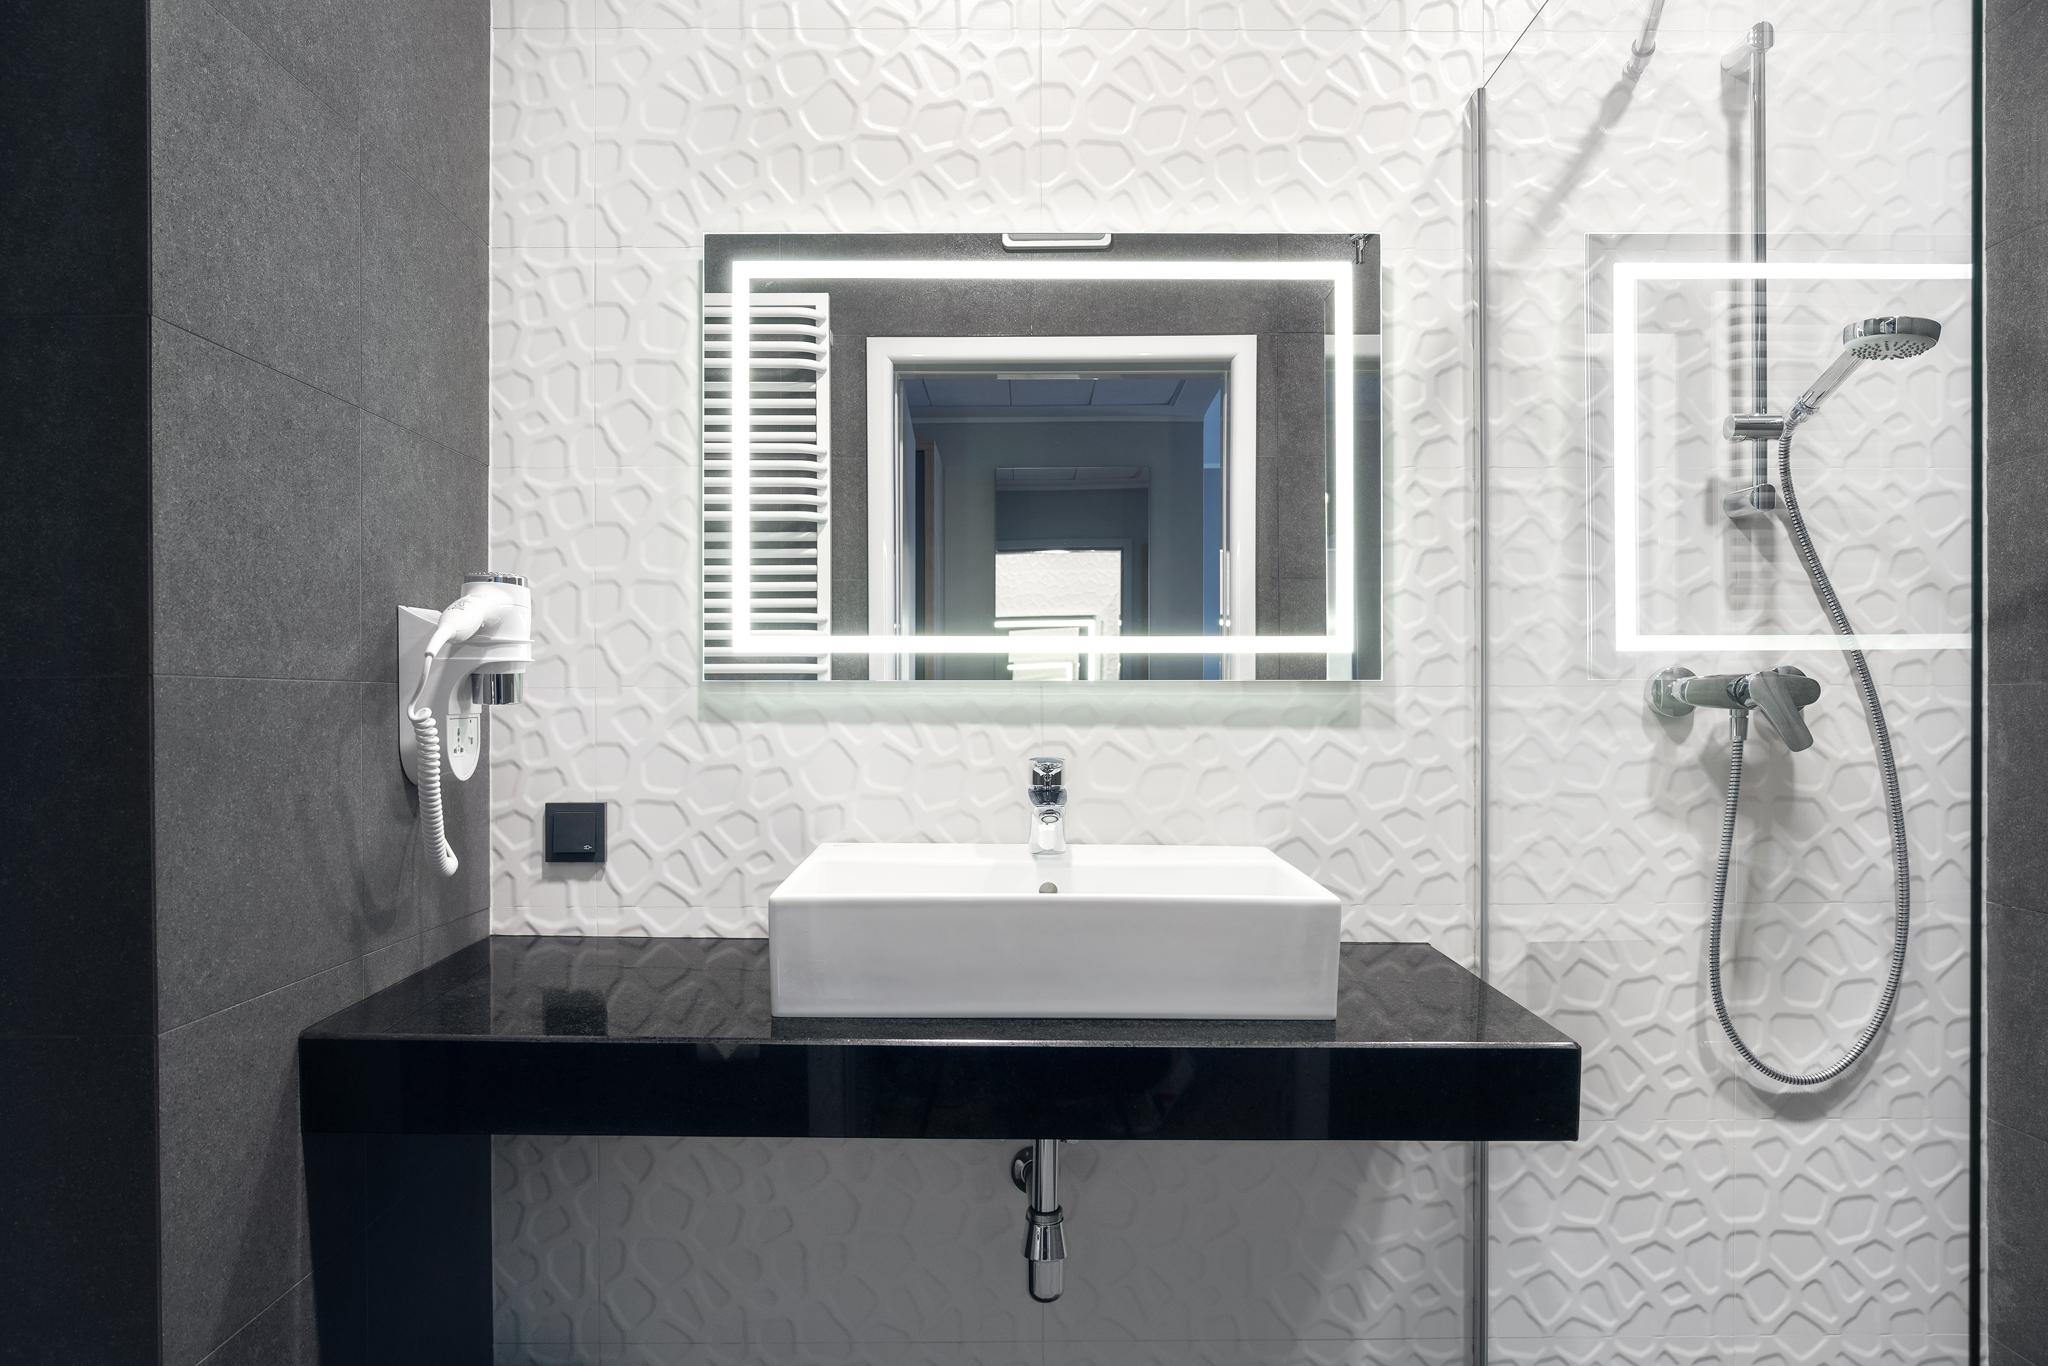 magazynkobiet.pl - Hotel Number One lazienka - Budowa Hotelu Number One na finiszu